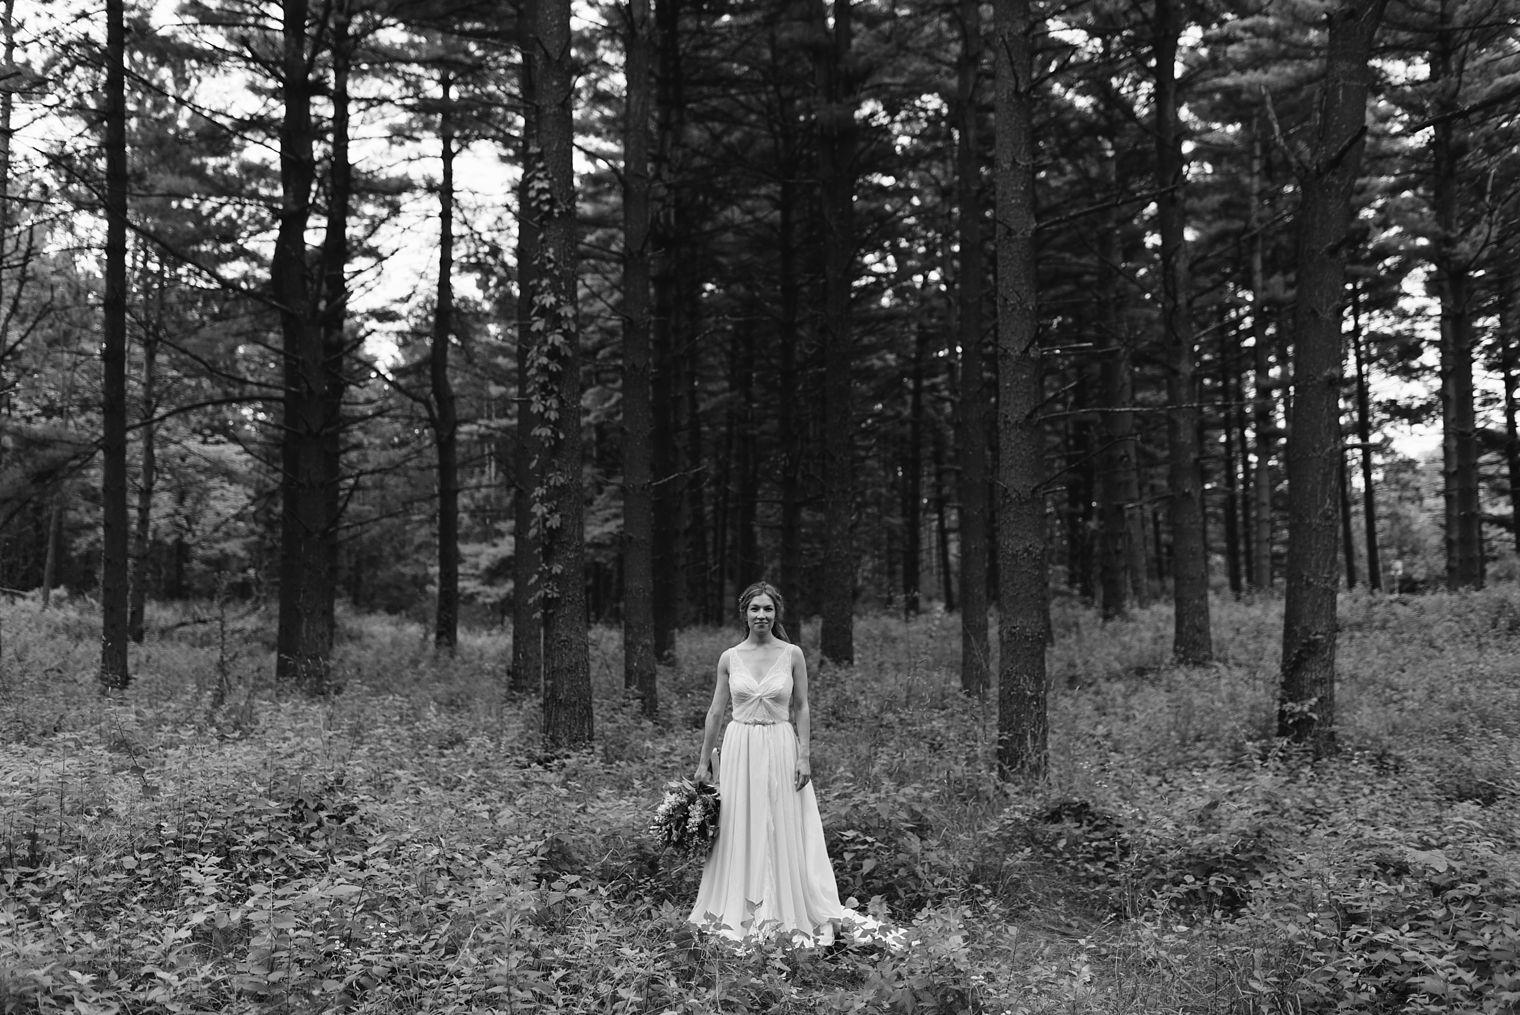 Occonomowoc forest wedding